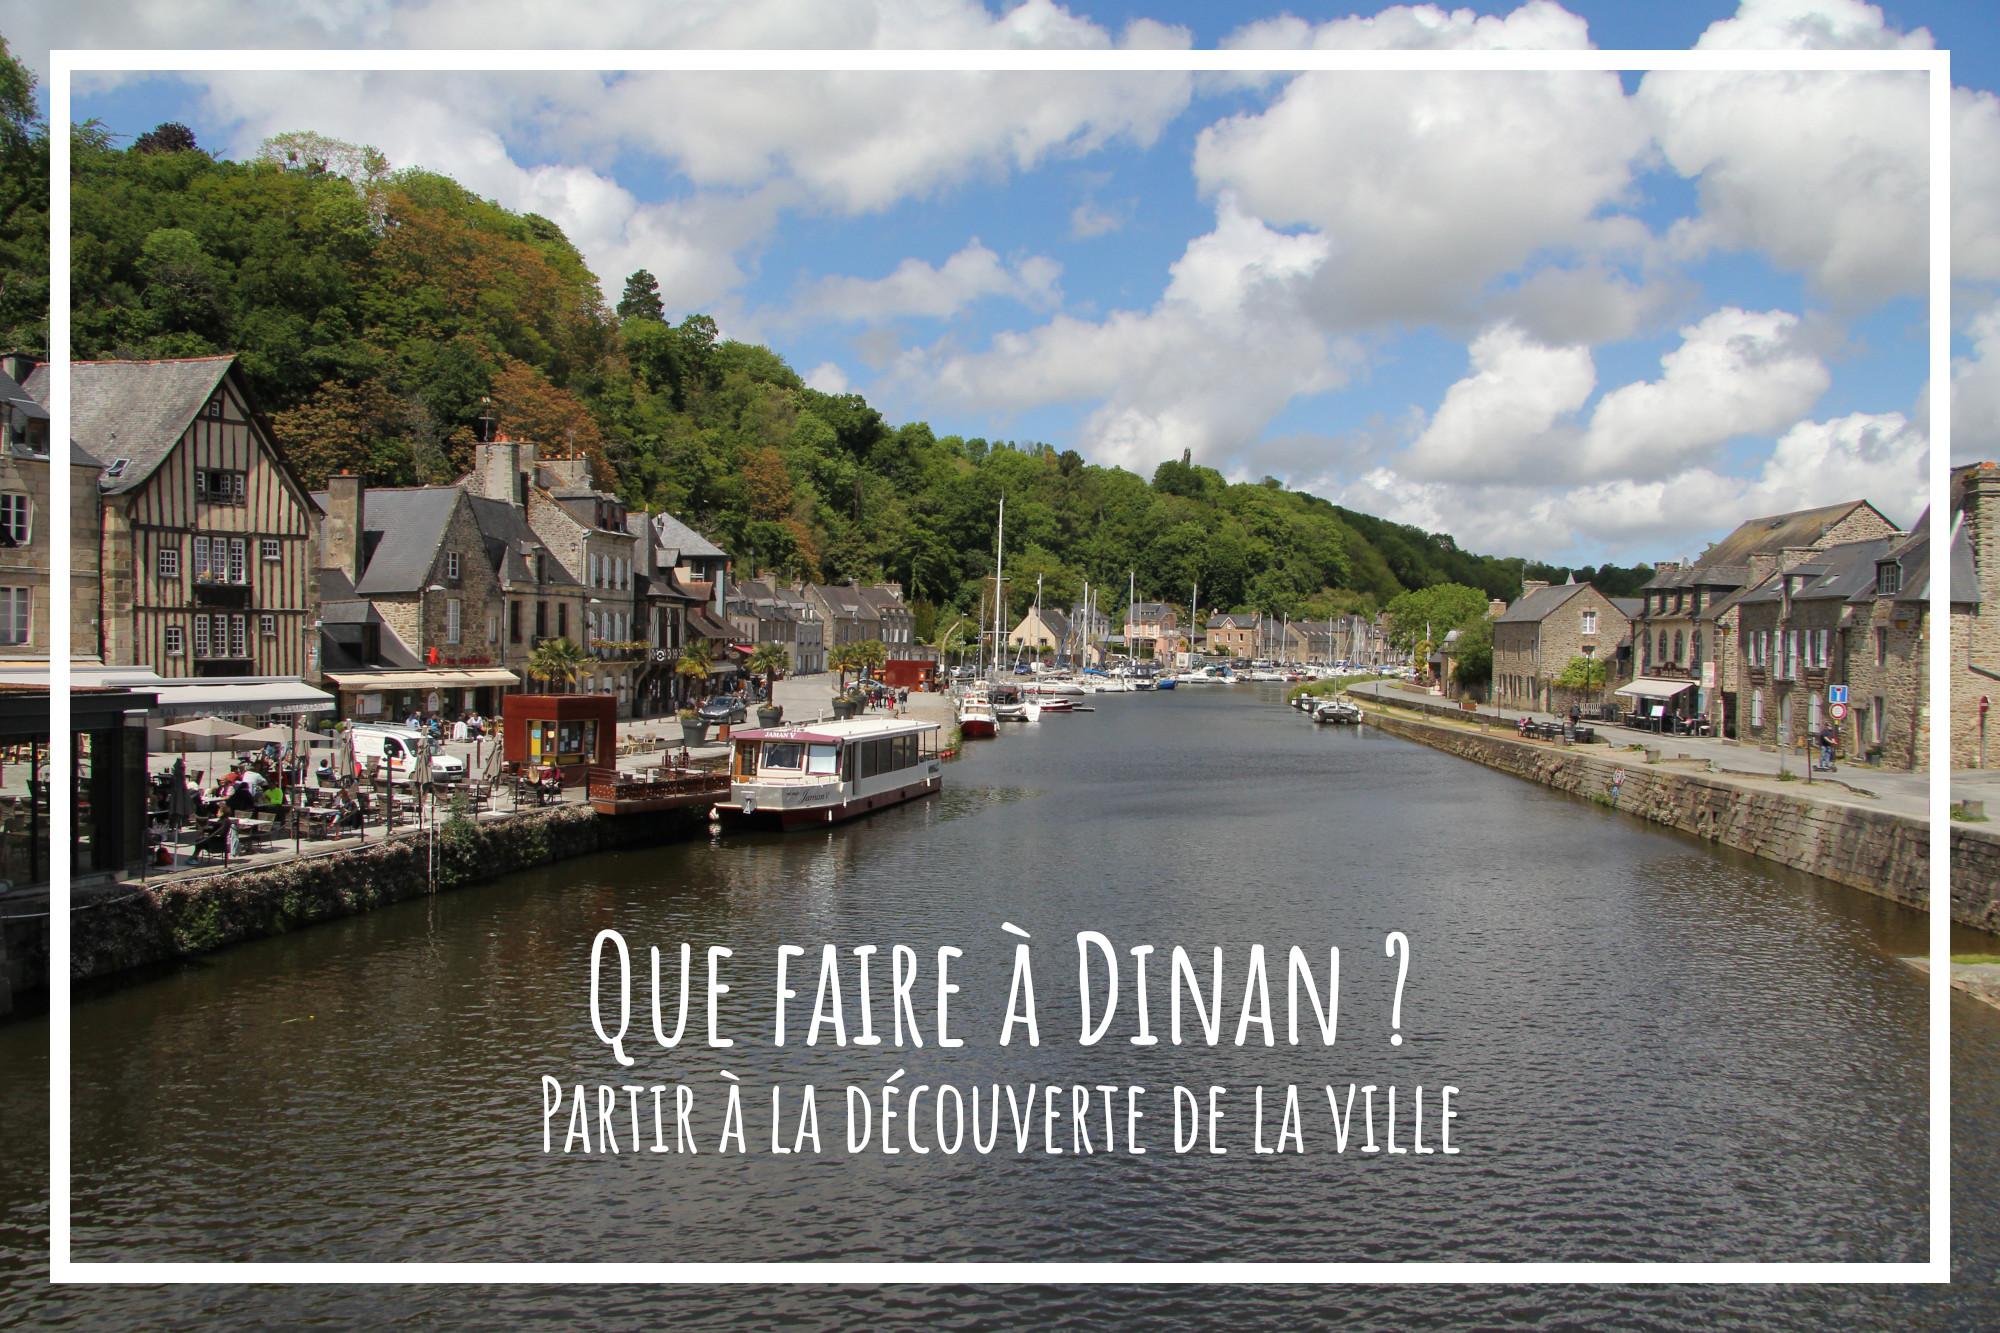 Que faire à Dinan ?